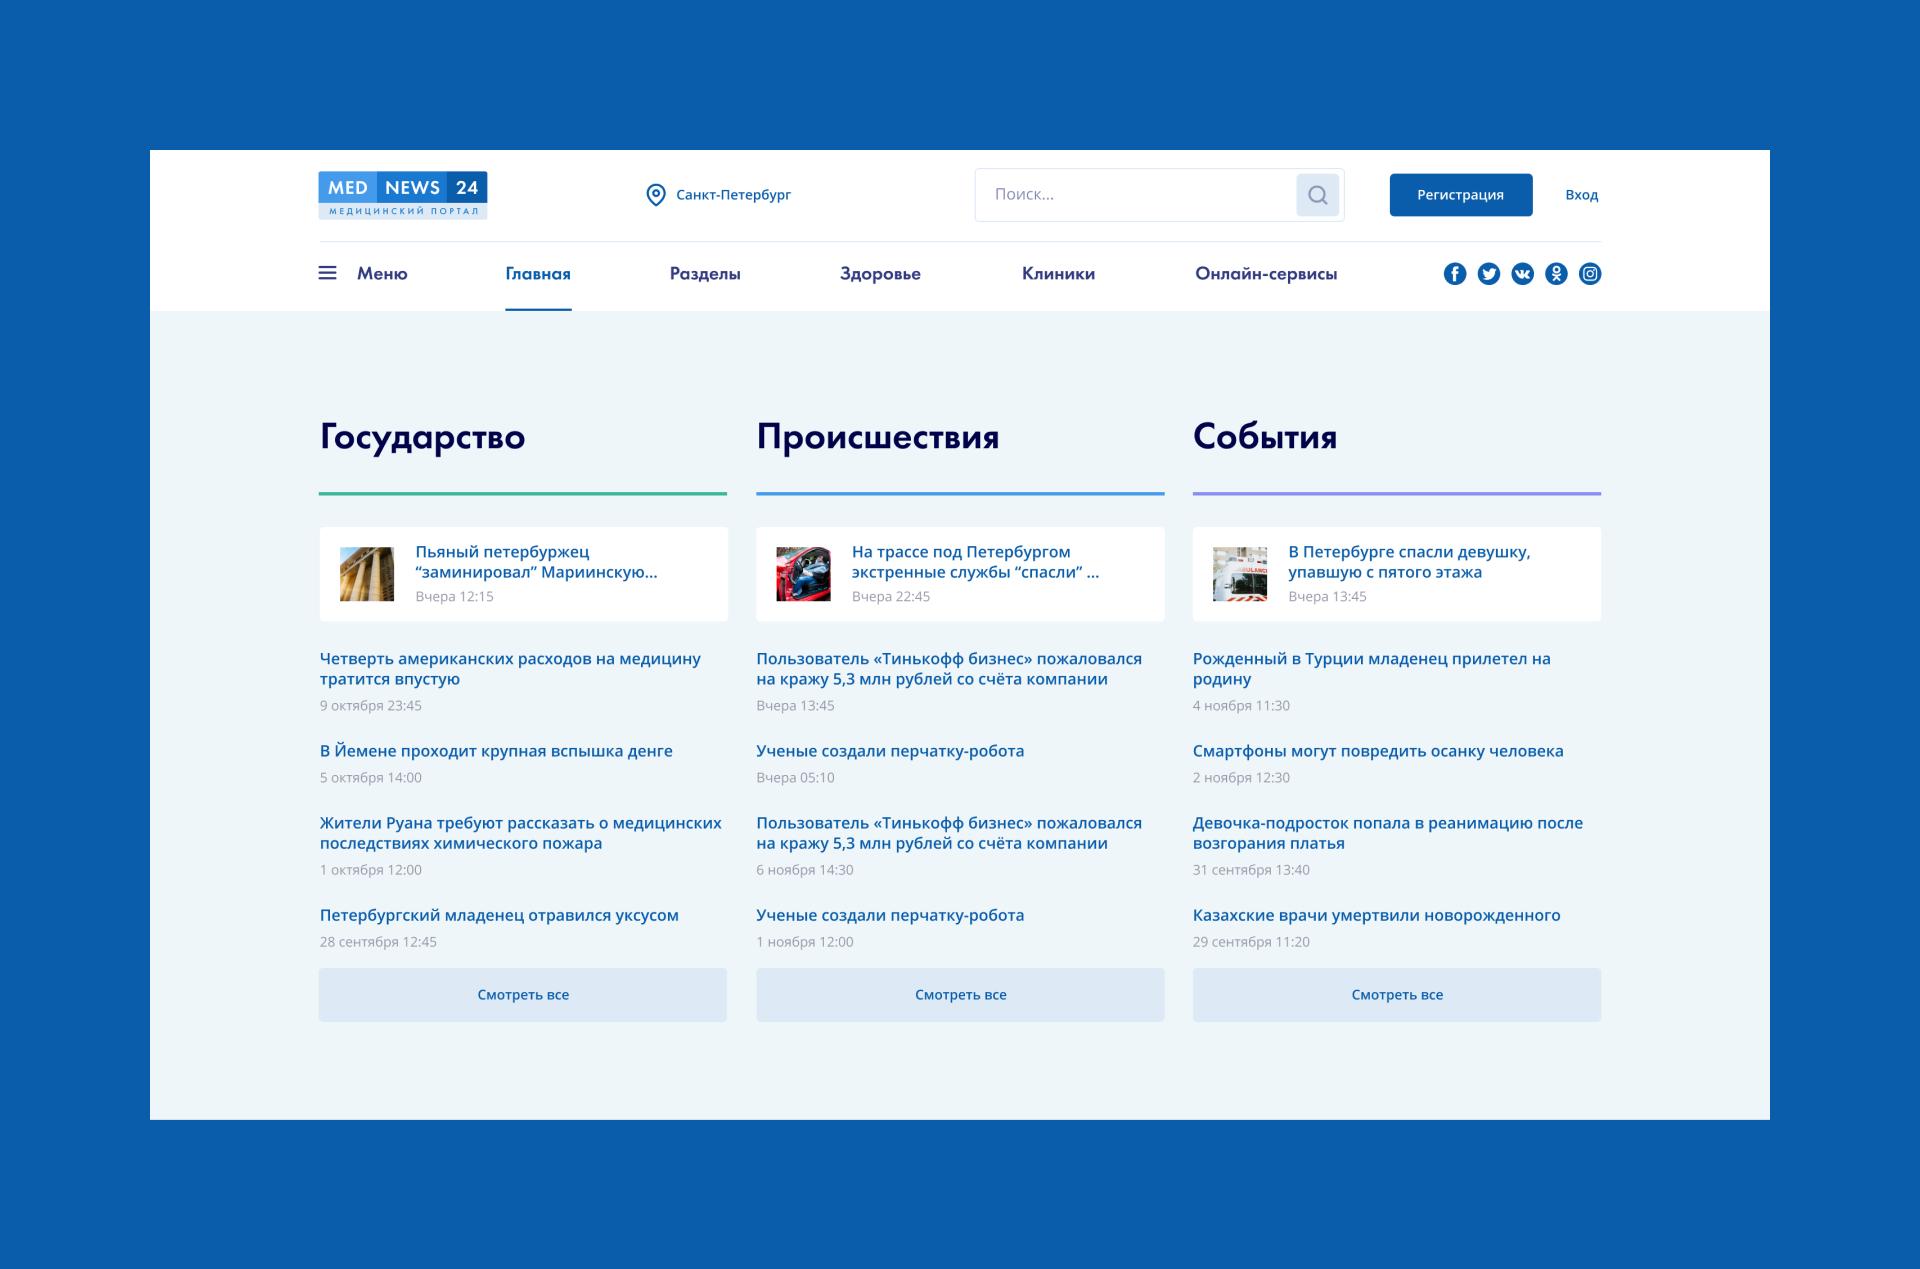 Редизайн главной страницы портала mednews24.ru фото f_6945da0aad5411ce.png